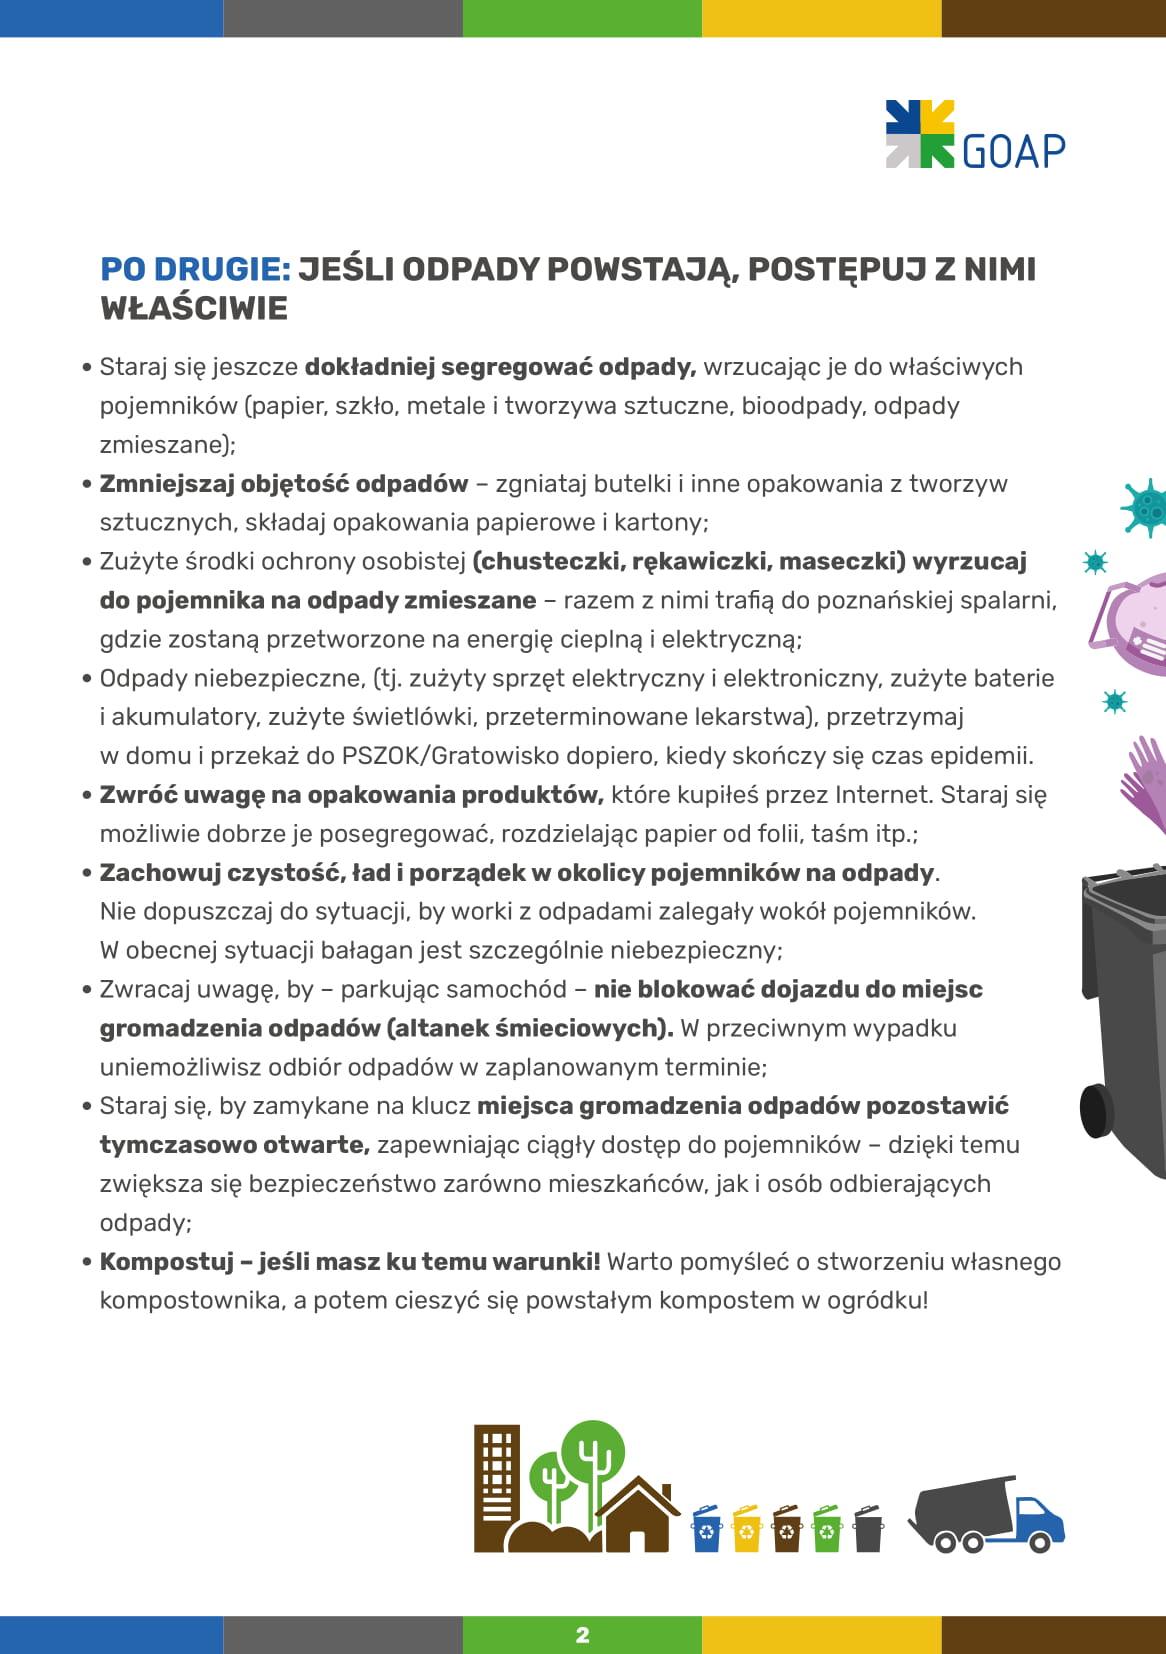 GOAP-Poradnik_zasady_postepowania_z_odpadami_w_czasie_pandemii_Koronawirusa-2